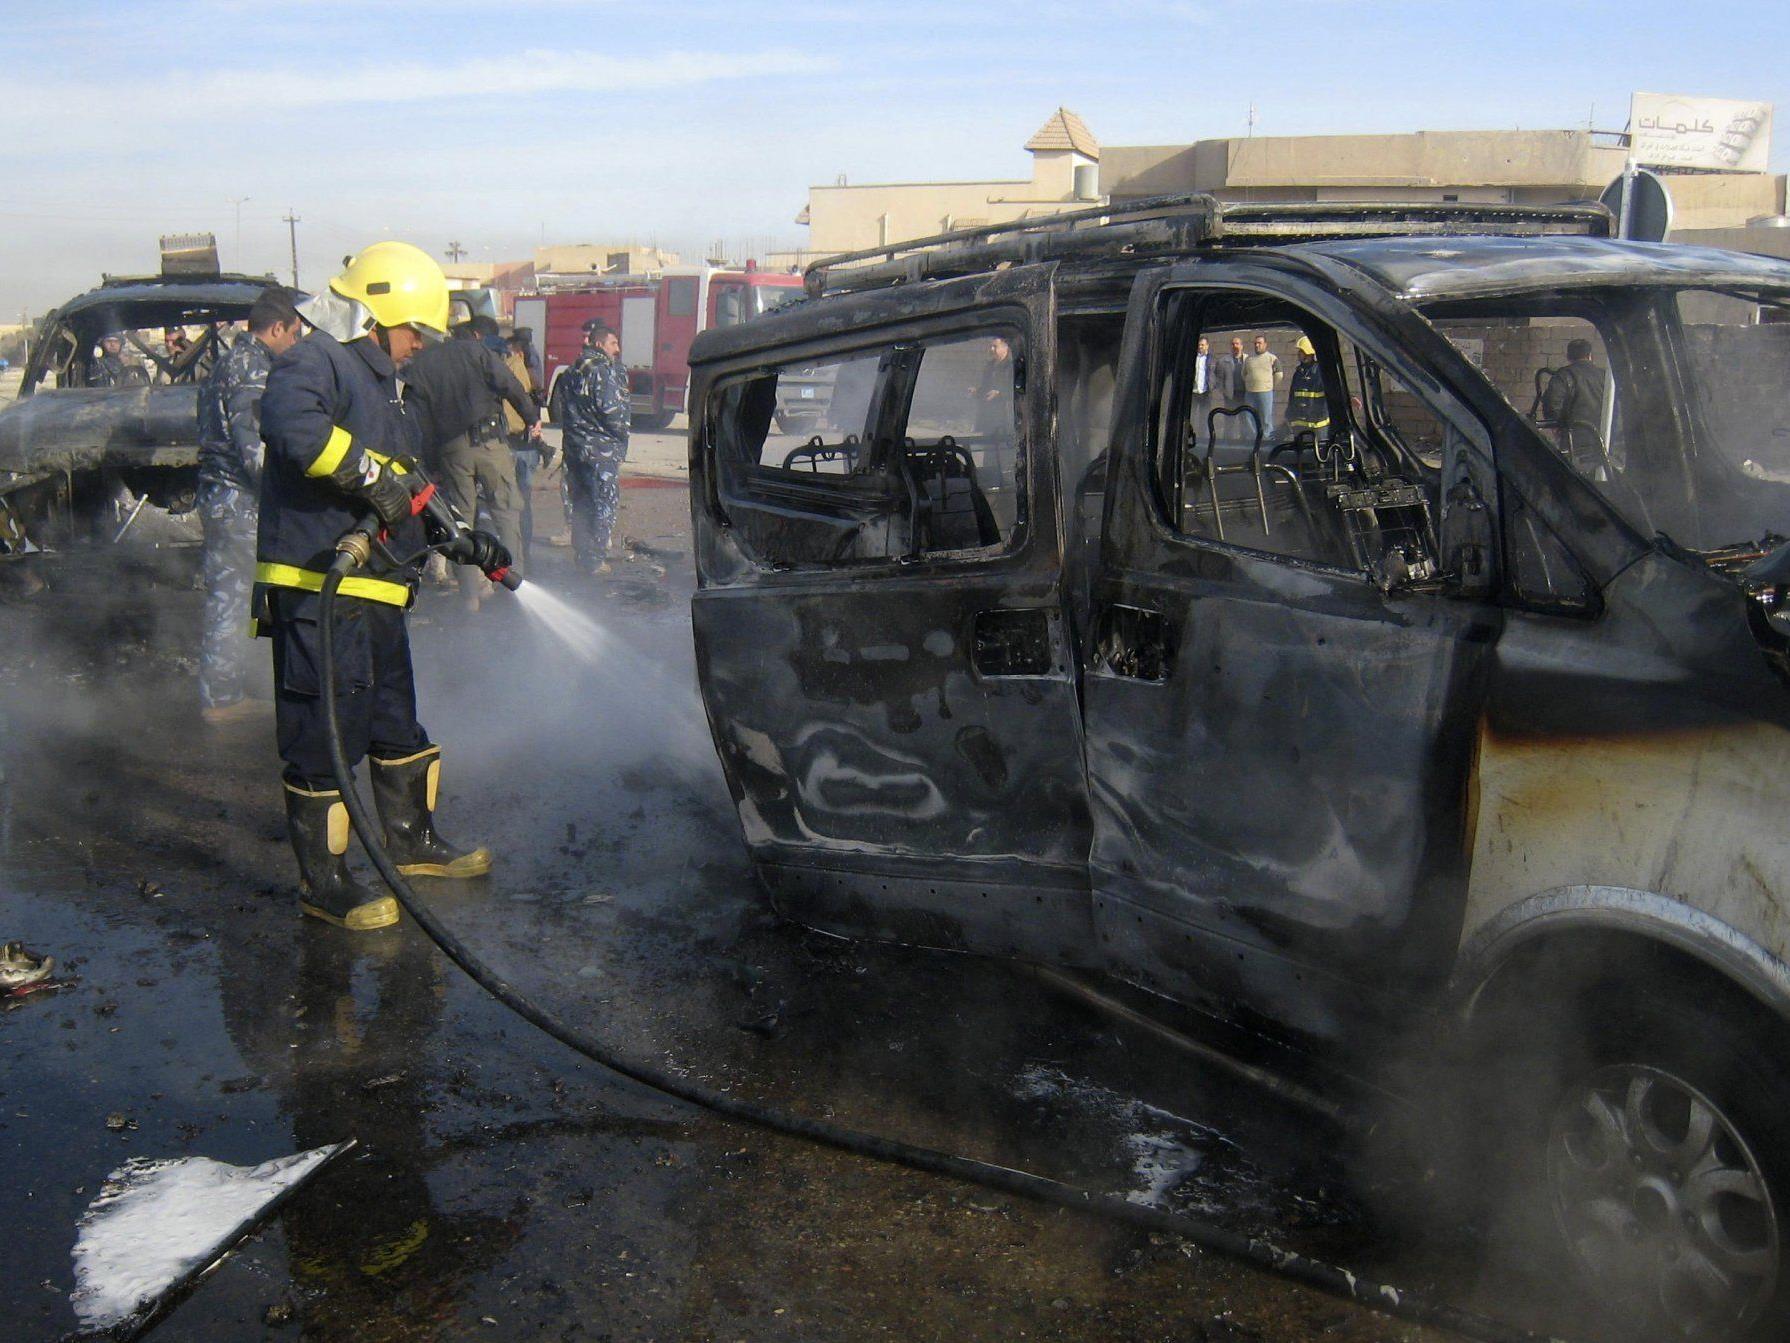 Bei dem Anschlag in Irak wurden Angaben zufolge mindestens 50 Menschen getötet.